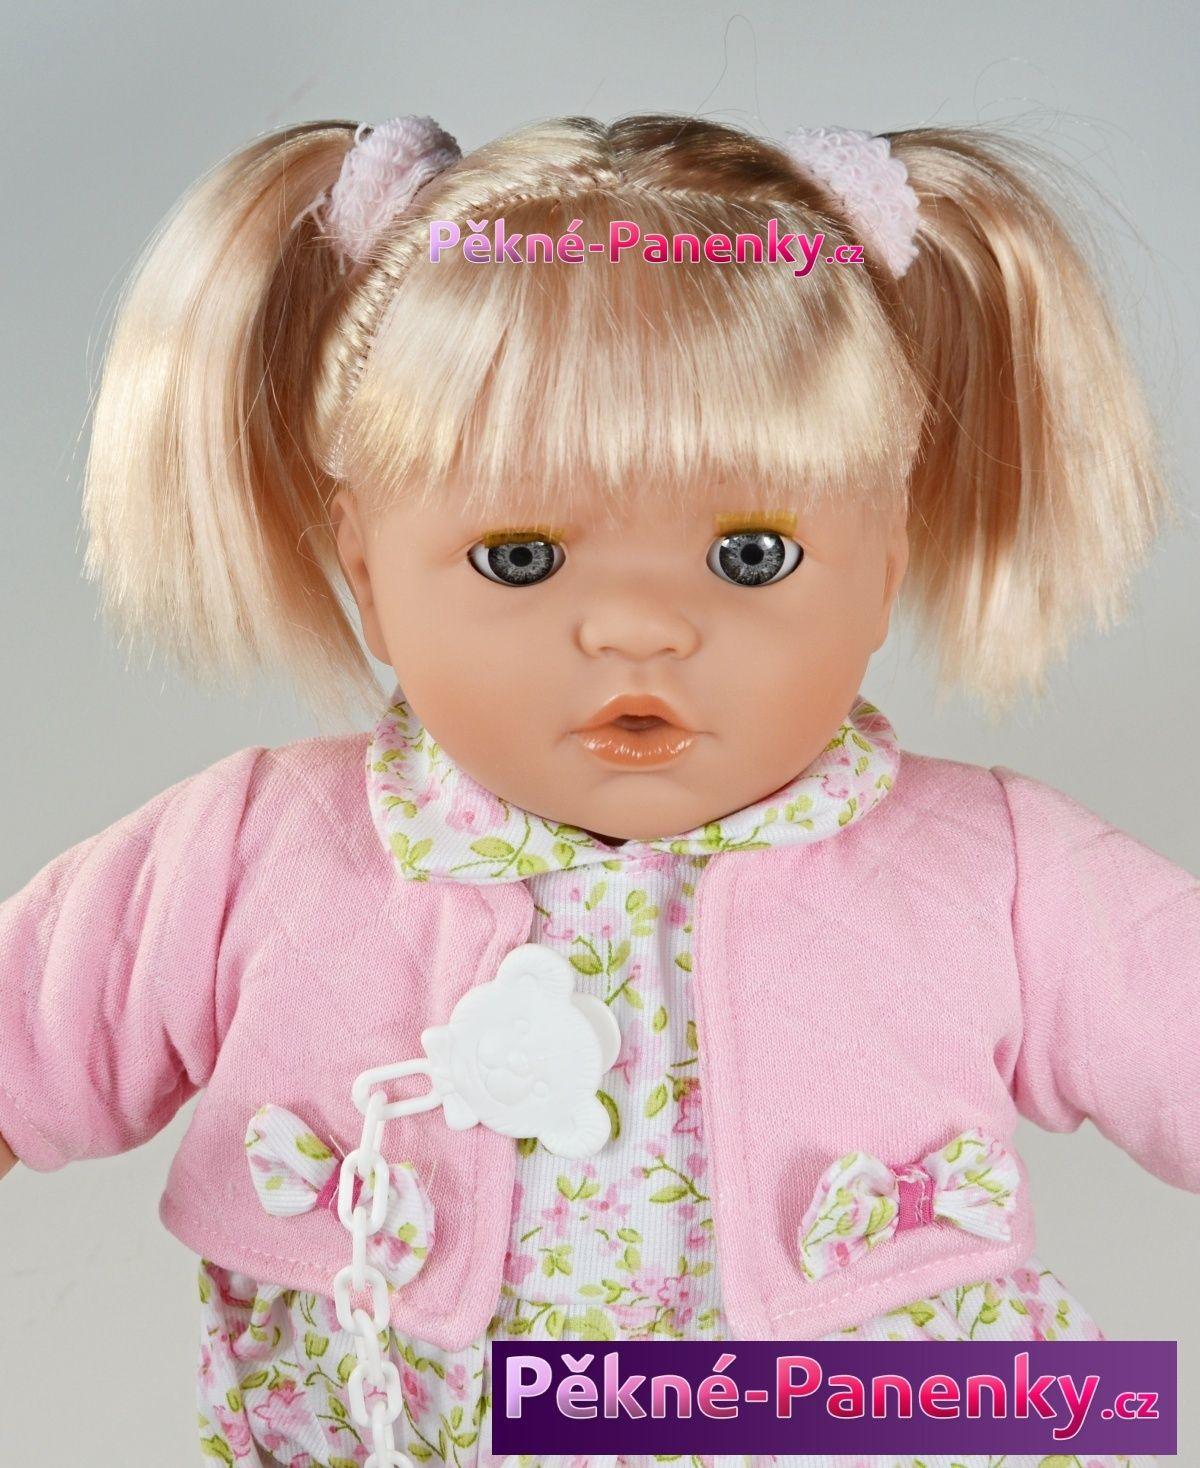 Toyse velká, mrkací panenka, které vypadá jako živá, česací realistické panenky